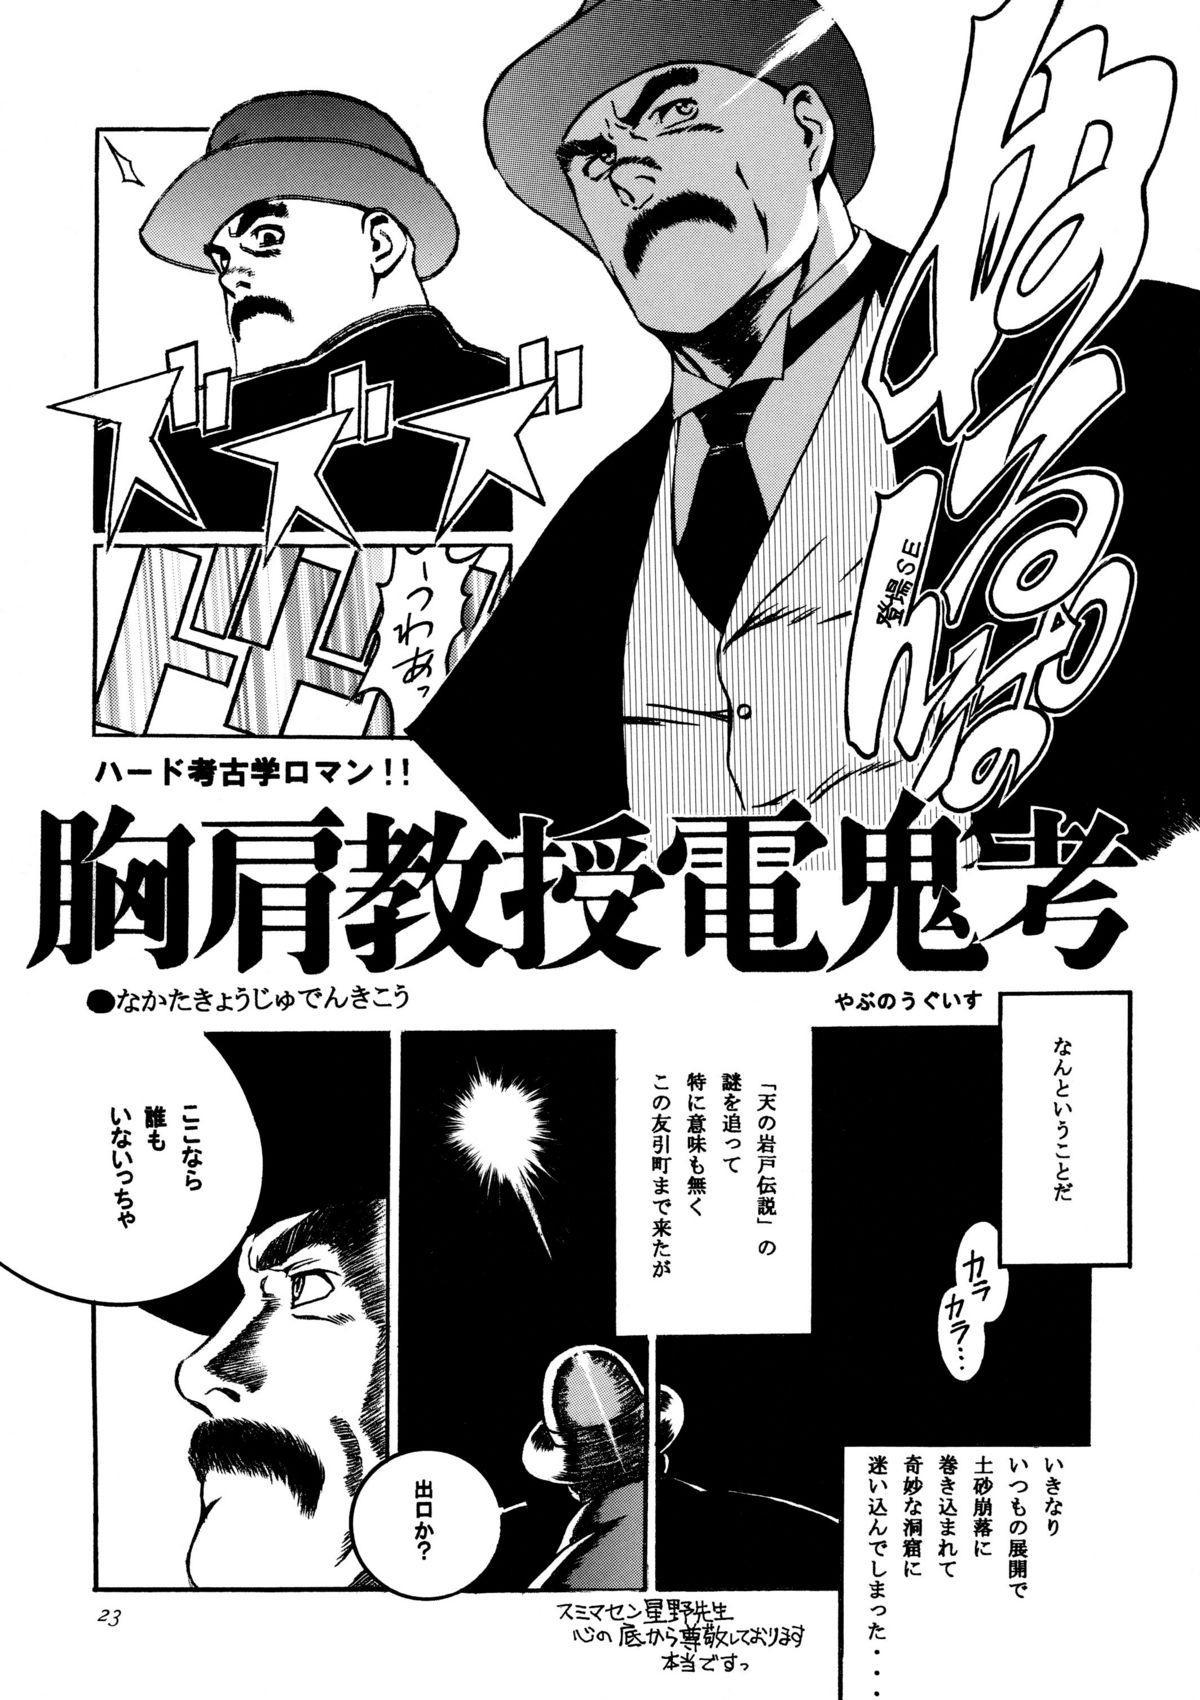 Kamisama Megaton Punch 11 21